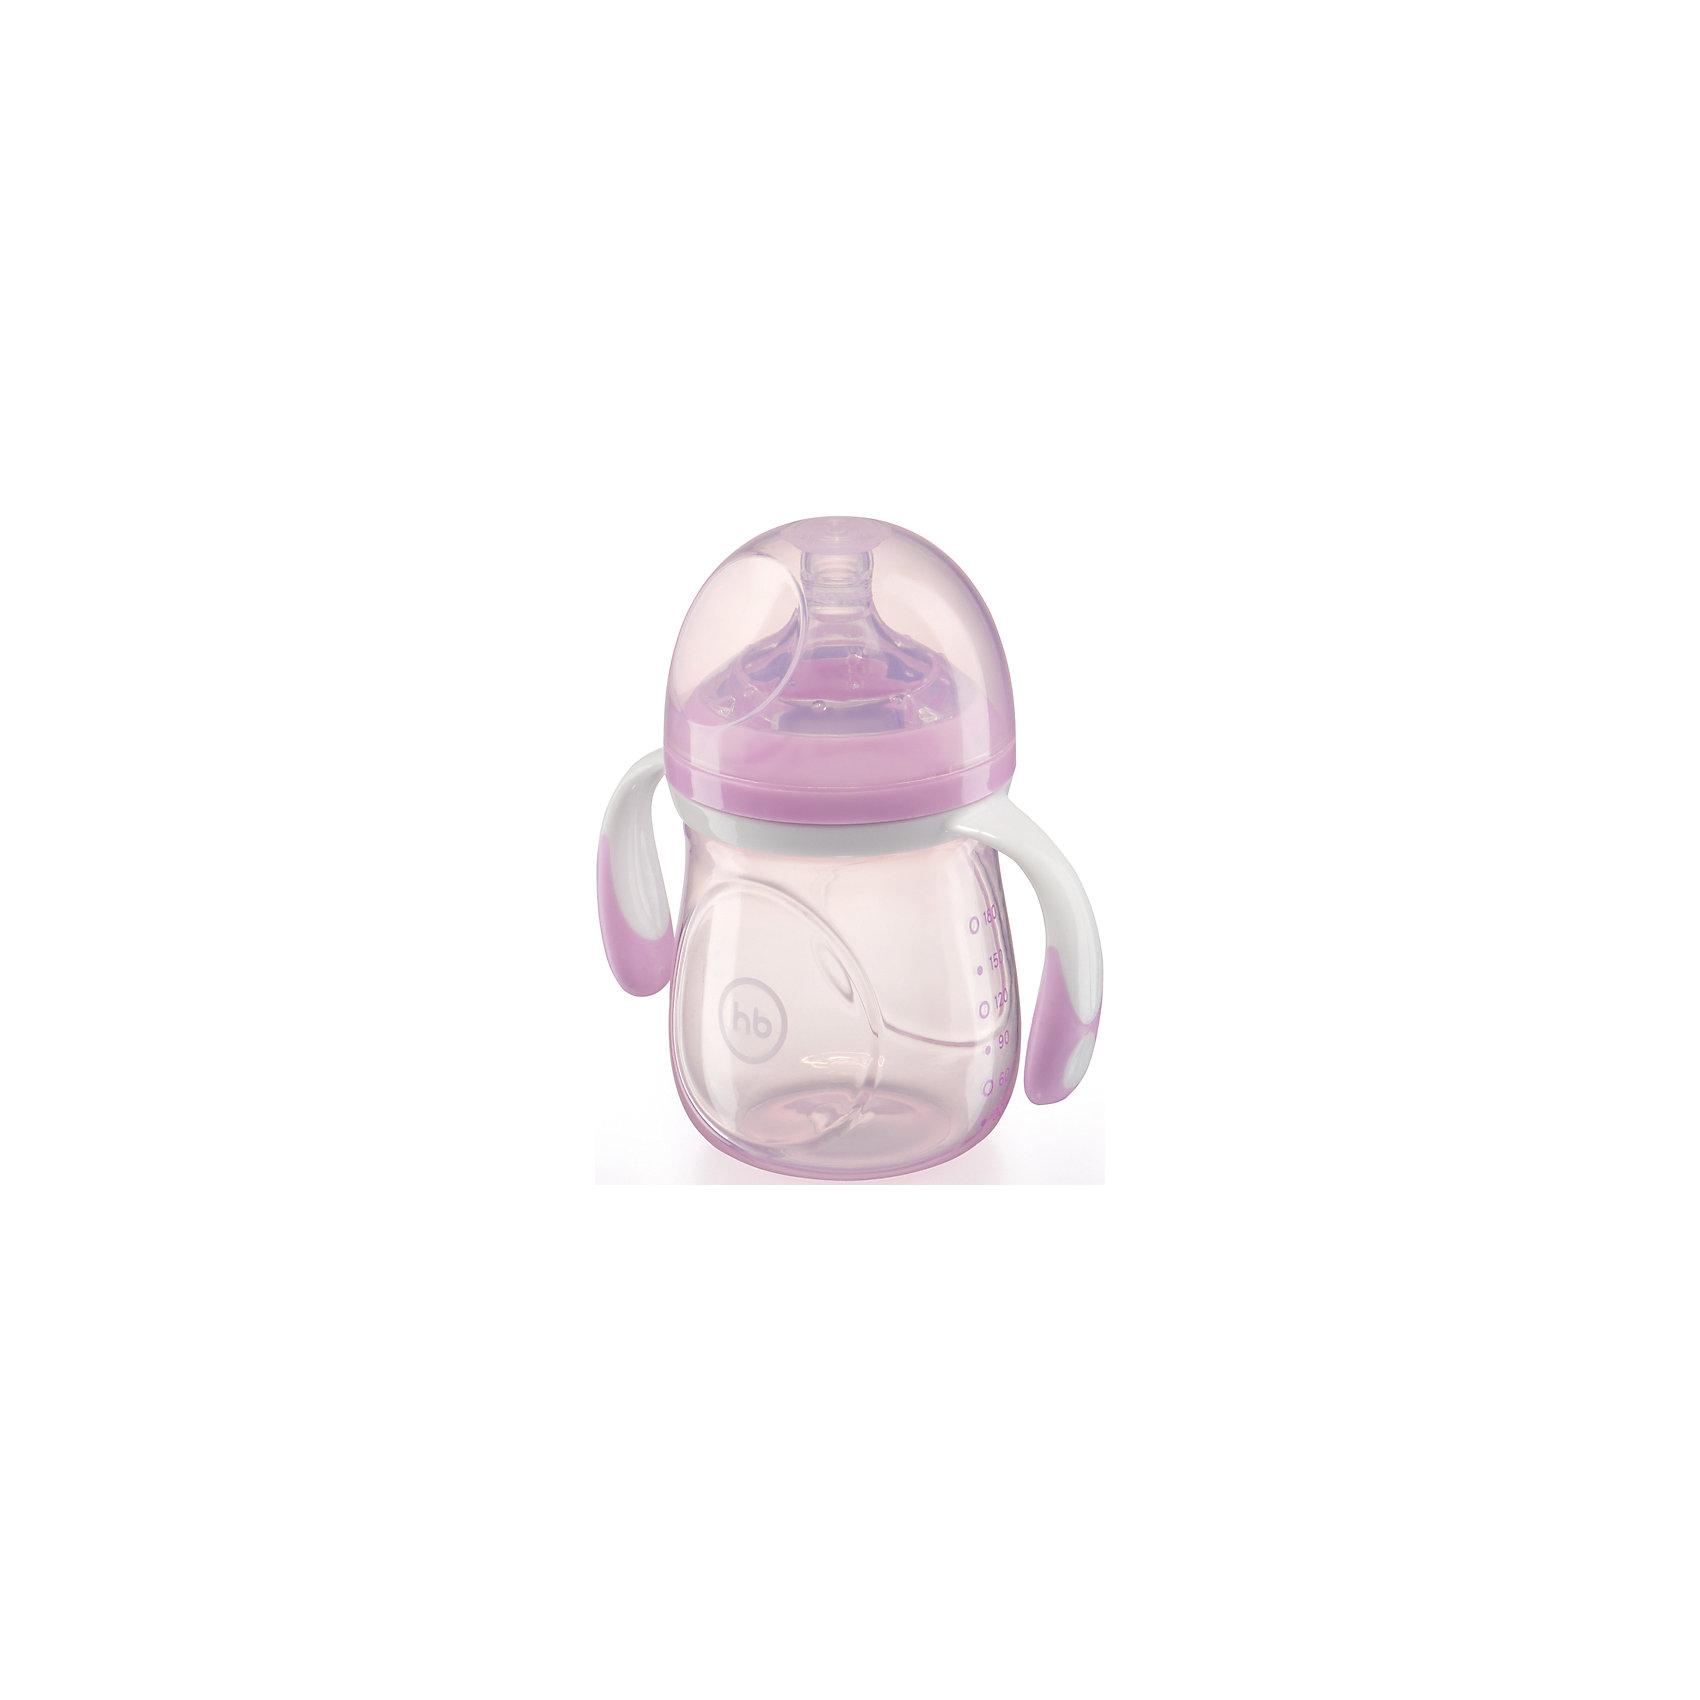 Бутылочка для кормления с антиколиковой соской, 180 мл, Happy Baby, фиолетовый110 - 180 мл.<br>Выбор бутылочки для кормления малыша, пожалуй, один из самых важных моментов для каждой мамочки. Бутылочка для кормления с антиколиковой соской, 180 мл, Happy Baby, фиолетовый отвечает всем строгим требованиям родителей. Особенностью инновационной бутылочки Happy Baby является соска для естественного кормления, которая стимулирует естественное сосание и при необходимости позволяет чередовать кормление из бутылочки и грудное вскармливание. Соска выполненная из упругого силикона, обеспечивающего оптимальное давление, соска по размеру и форме идеально подходит сосательной ямке во рту малыша.<br><br>Дополнительная информация:<br><br>-  широкое горло<br>-  медленный поток<br>- антиколиковая силиконовая соска<br>- съемные ручки с антискользящим покрытие<br>- удобная форма для прочного удерживания в руке<br>- герметичная крышка<br>- шкала с делением в 30 мл.<br><br>Бутылочку  для кормления с антиколиковой соской, 180 мл, Happy Baby, фиолетовый можно купить в нашем интернет- магазине<br><br>Ширина мм: 75<br>Глубина мм: 125<br>Высота мм: 210<br>Вес г: 114<br>Возраст от месяцев: 0<br>Возраст до месяцев: 12<br>Пол: Унисекс<br>Возраст: Детский<br>SKU: 4696789